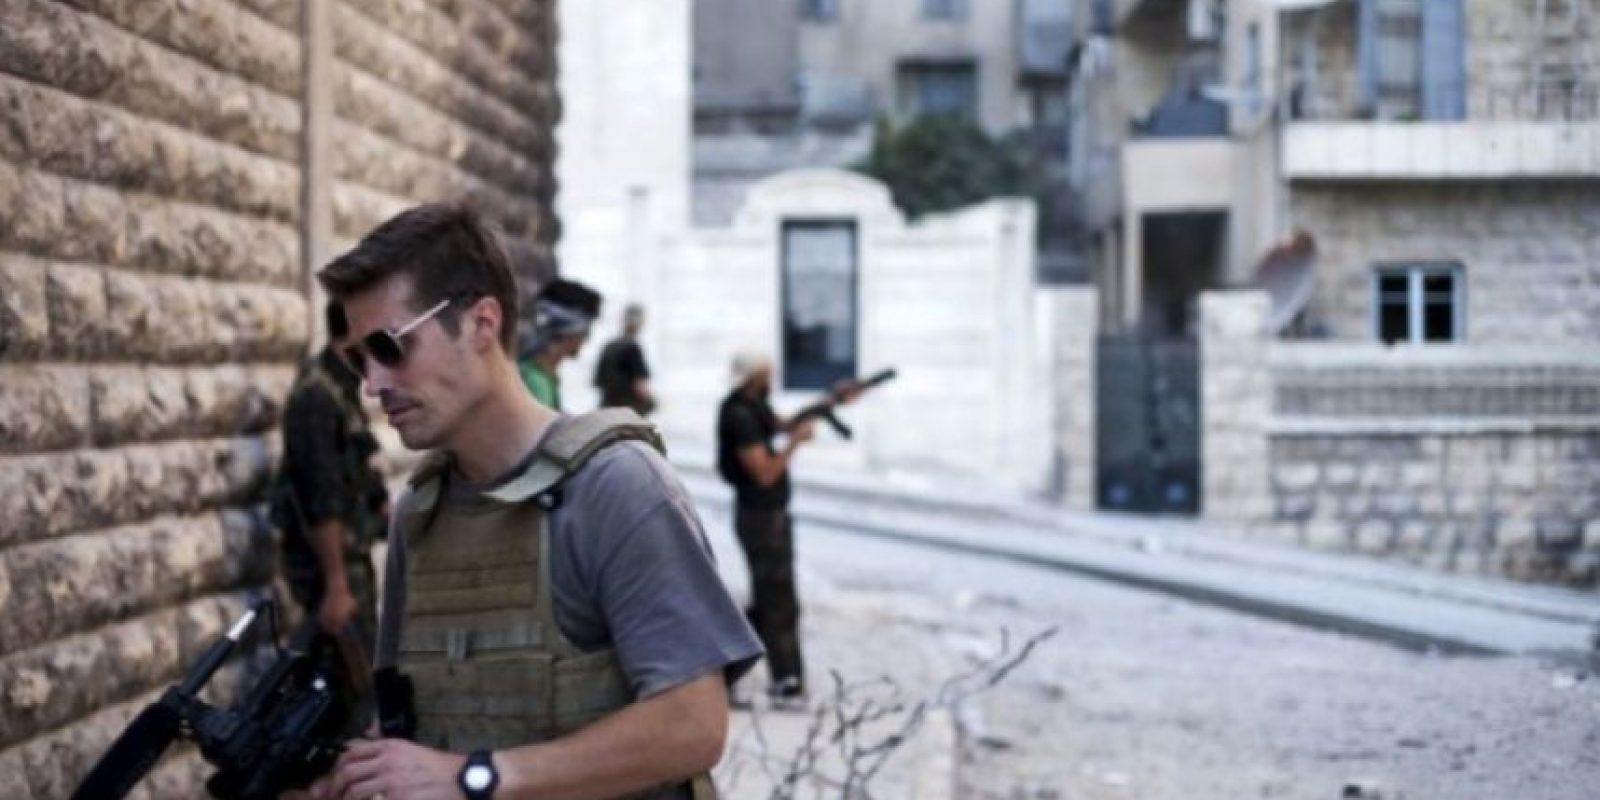 El periodista estadounidense cubría la guerra civil en Siria cuando fue capturado por el grupo terrorista Estado Islámico en 2012. Foto:AFP